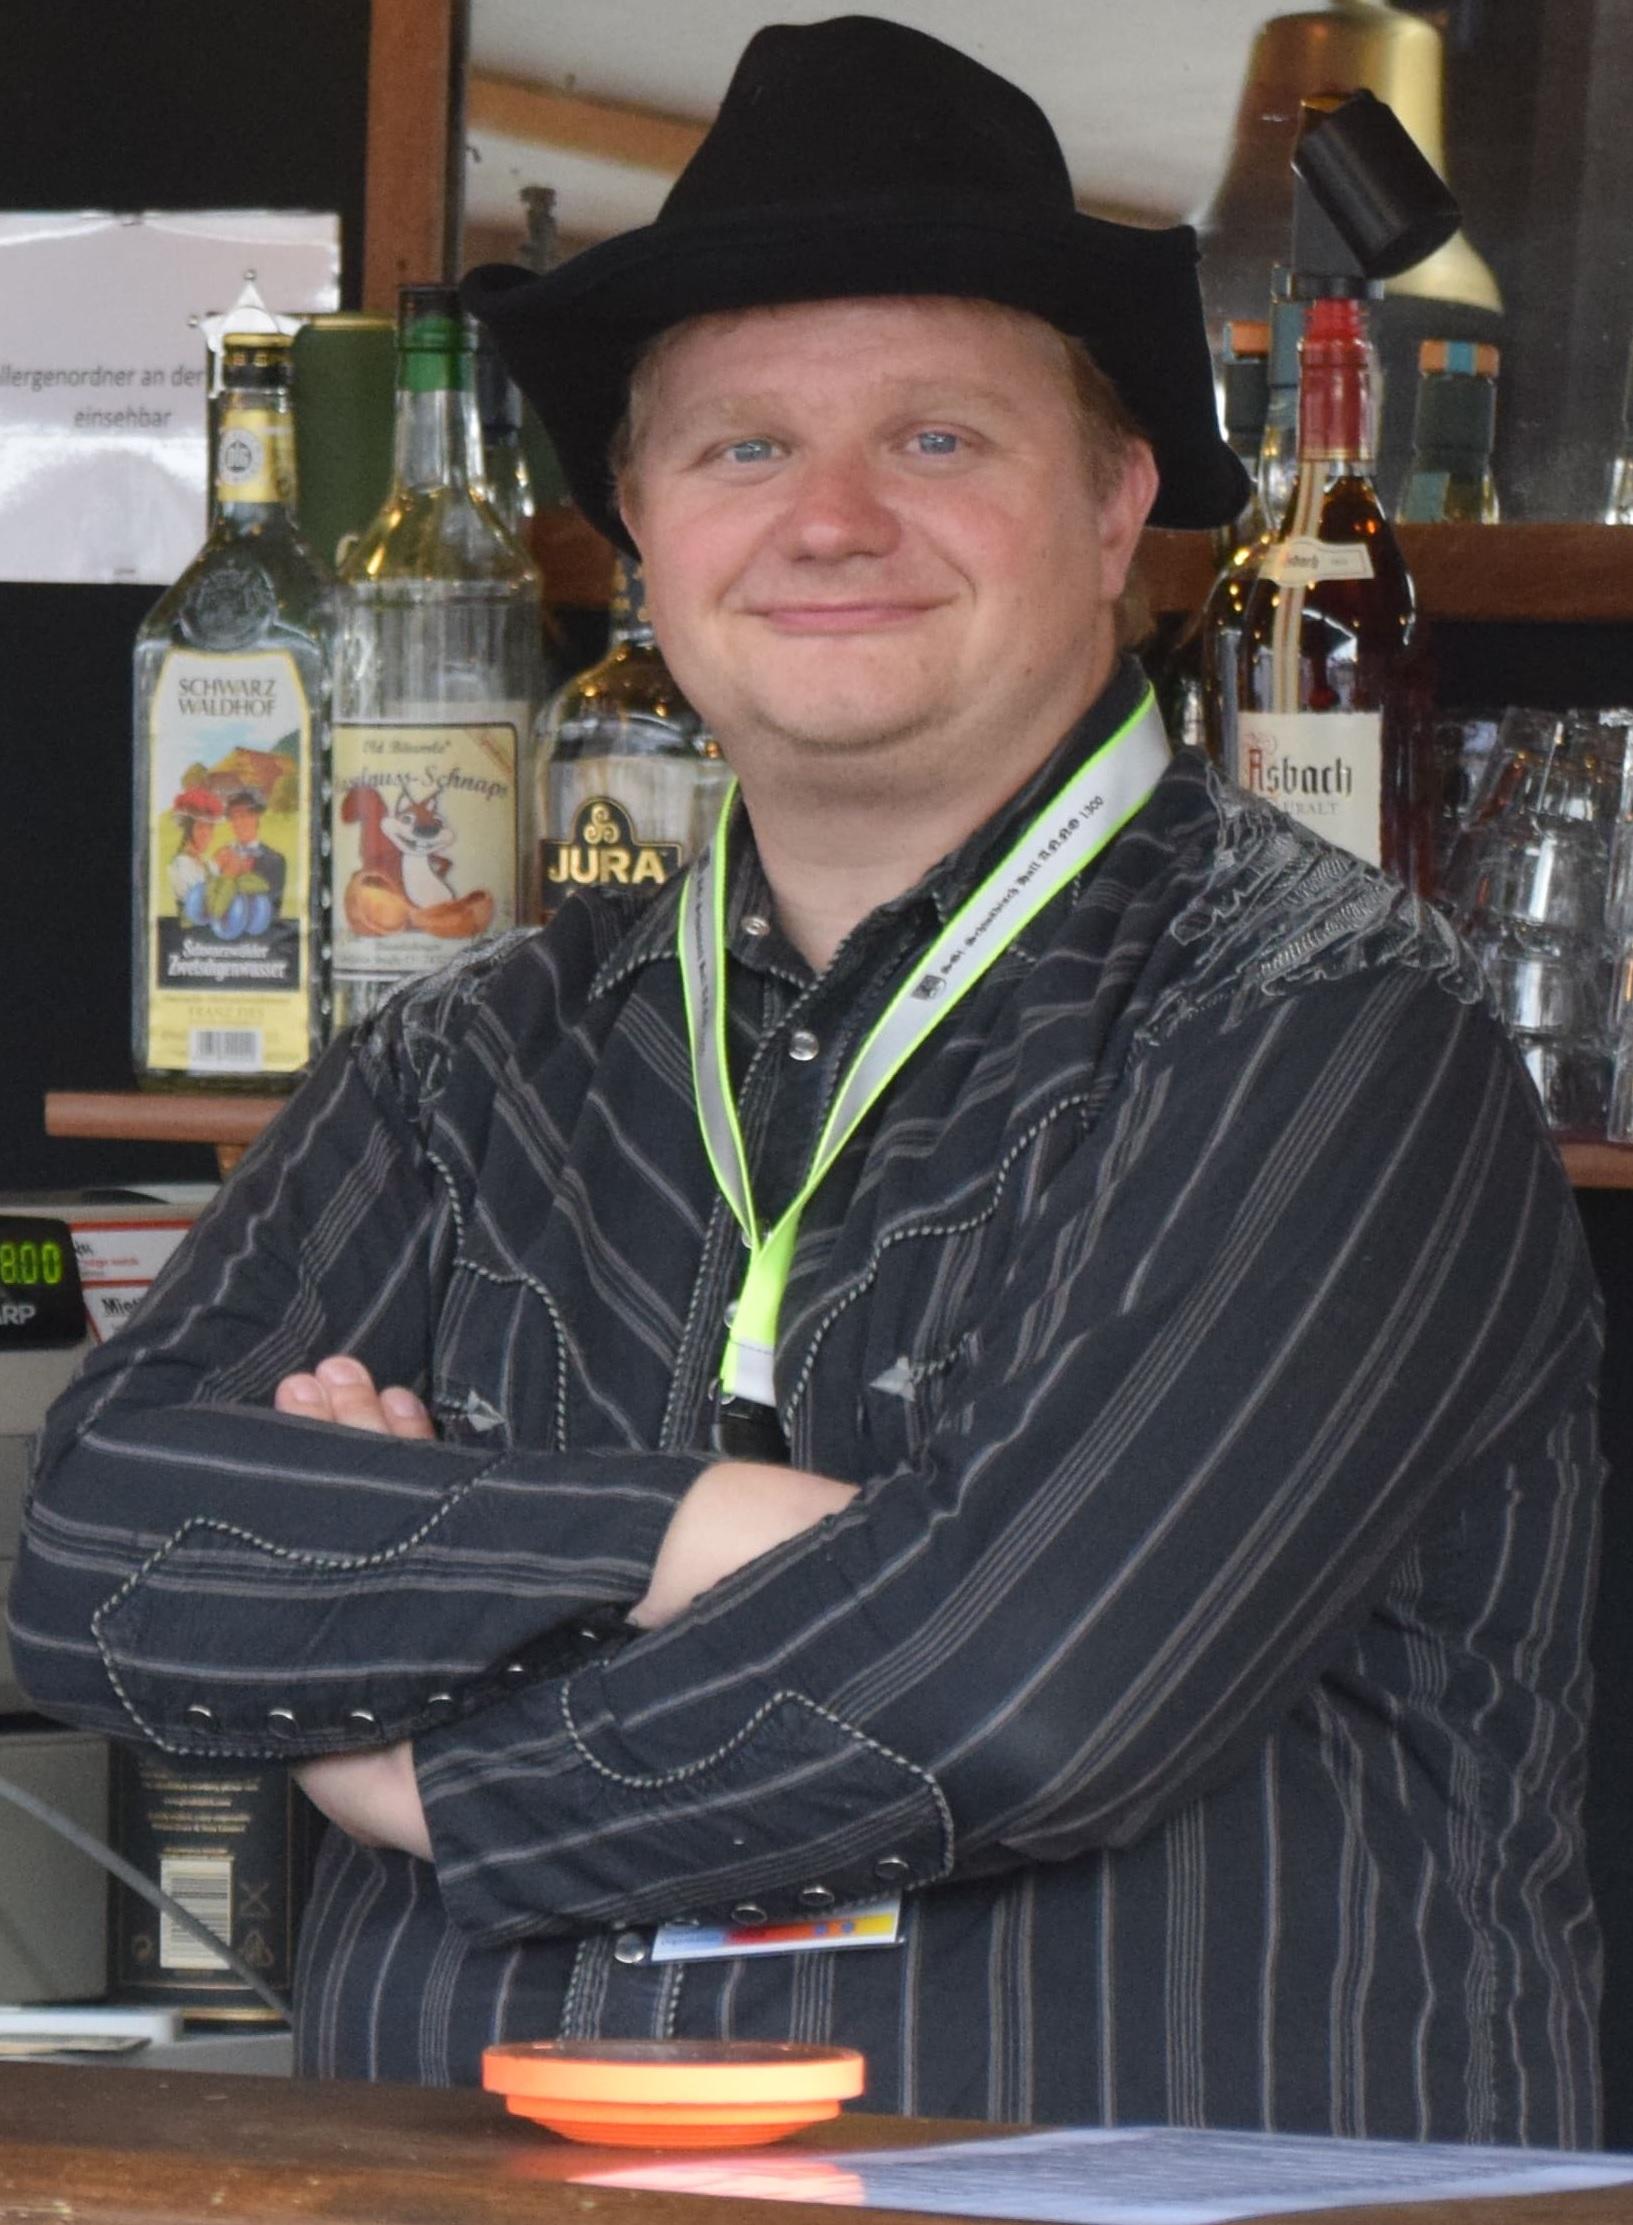 Daniel single schwäbisch hall